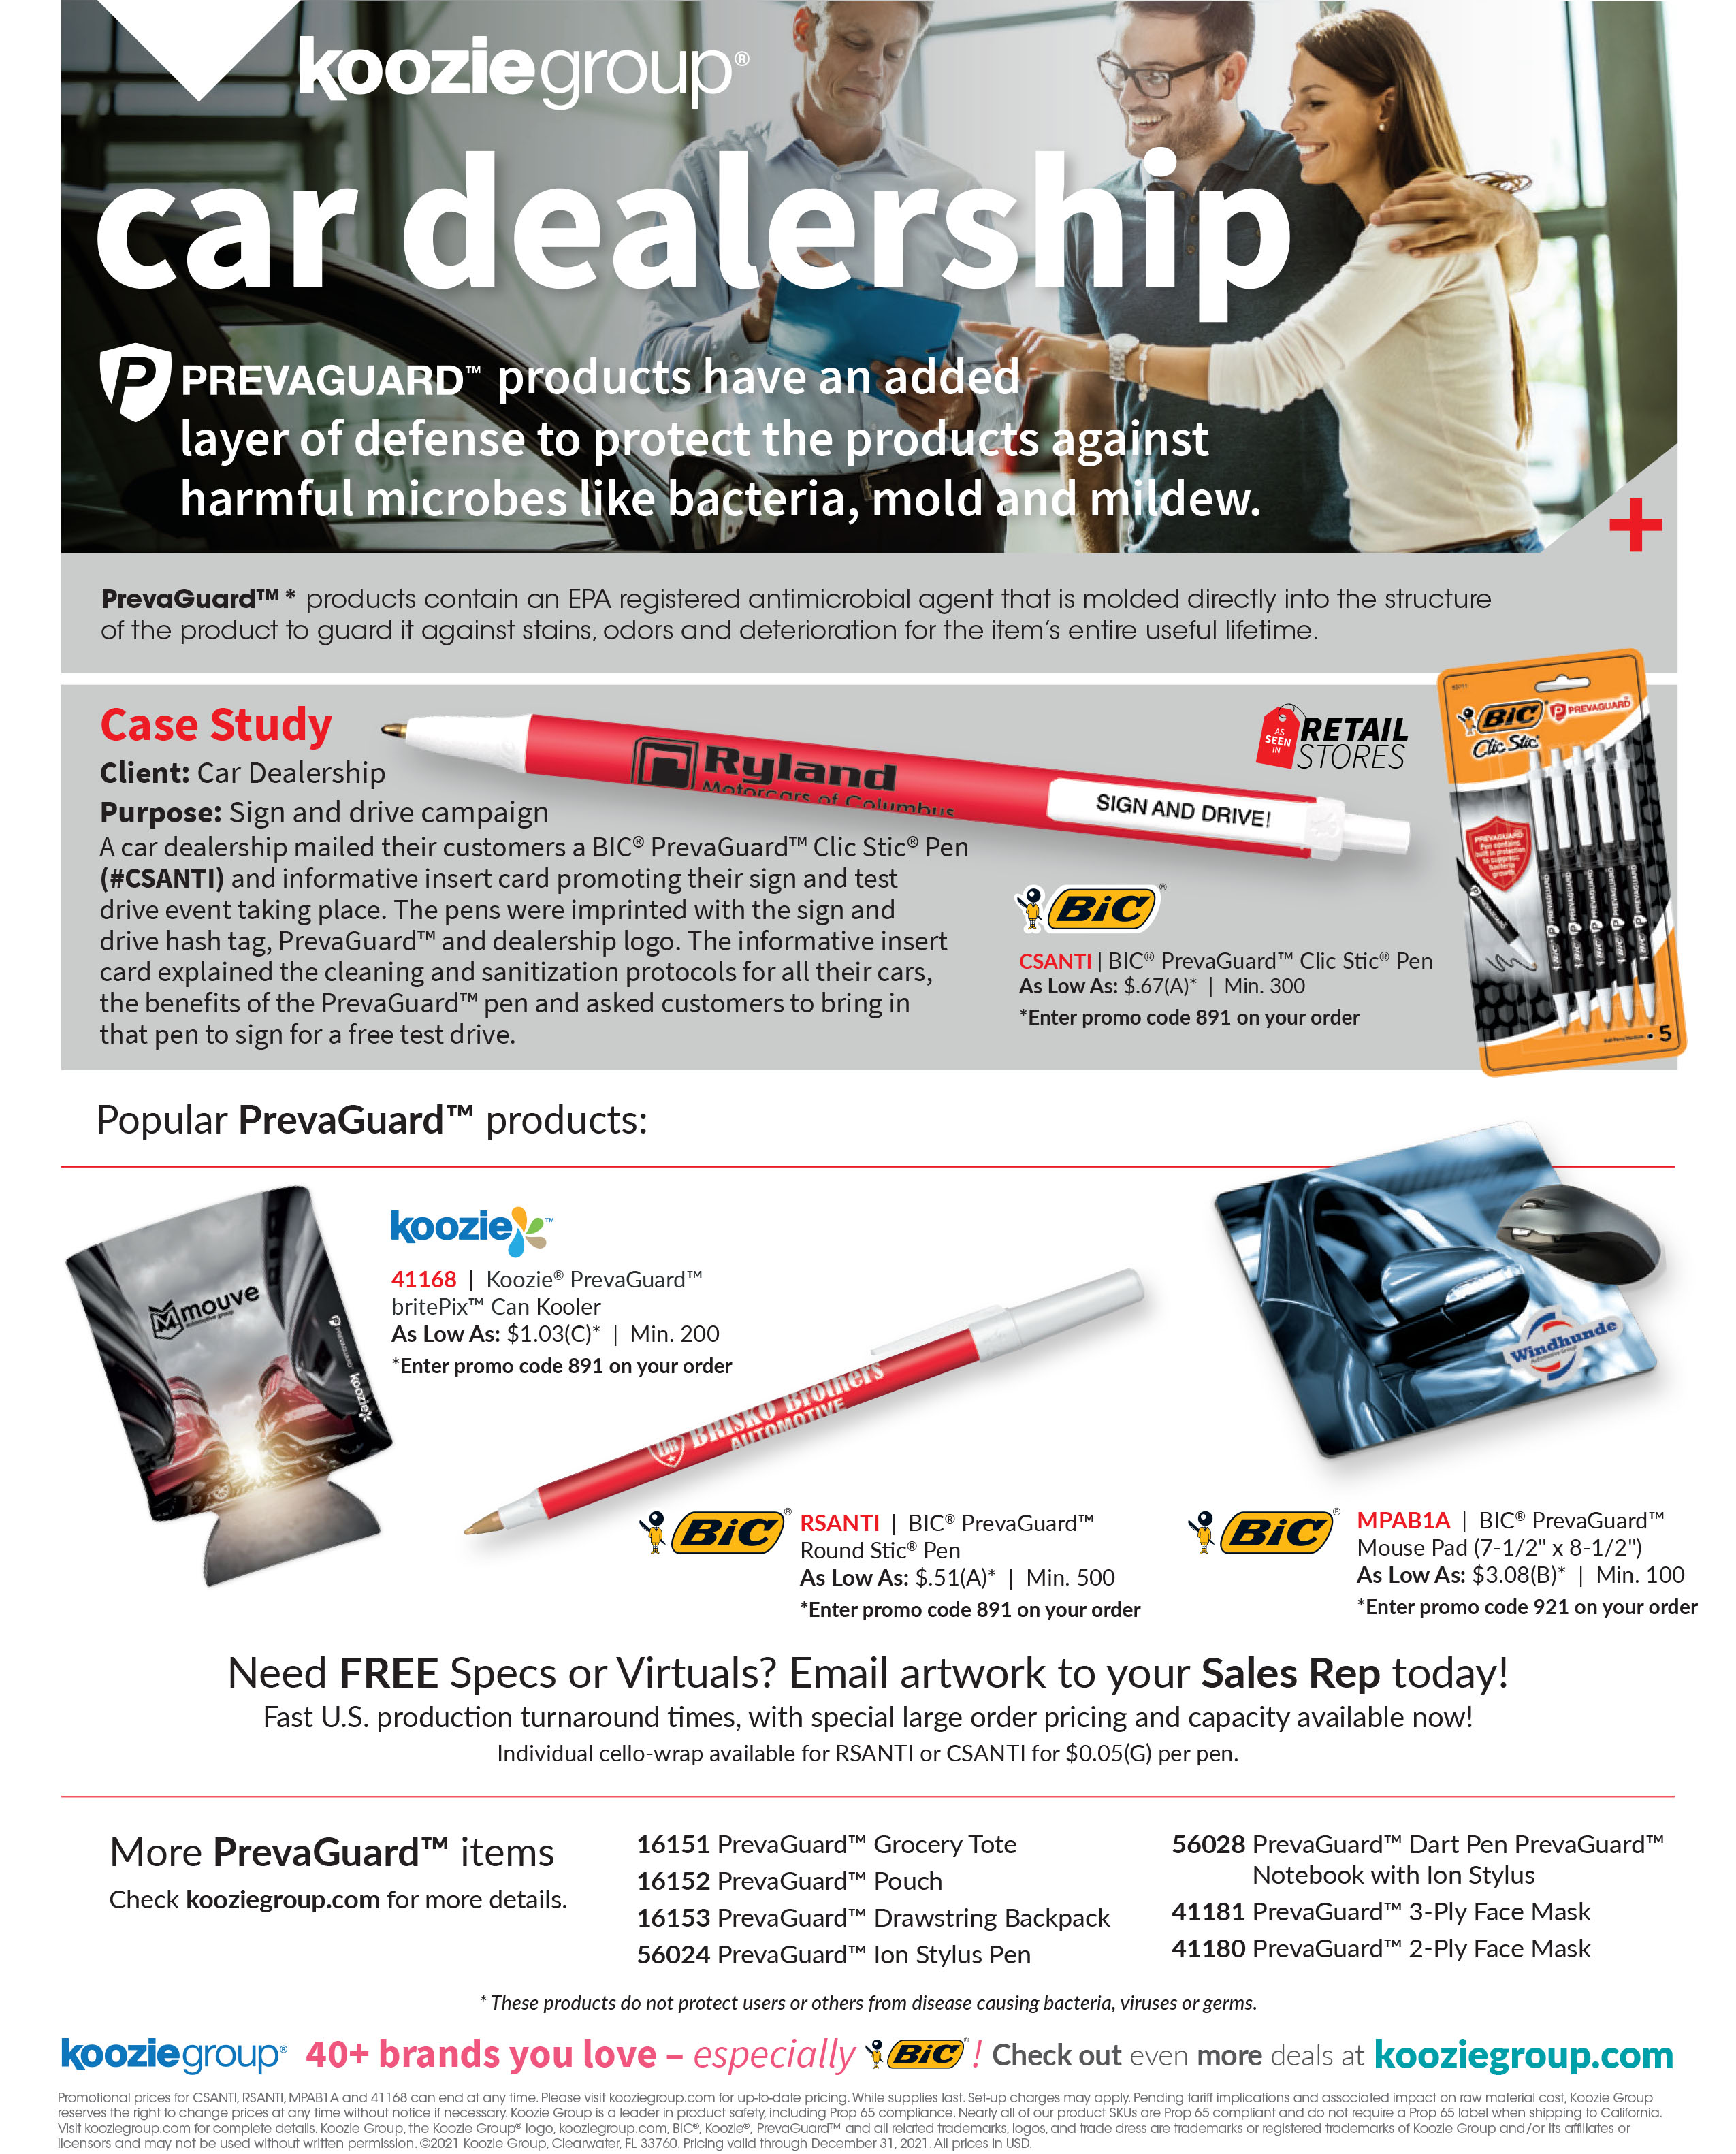 PrevaGuard Car Dealership